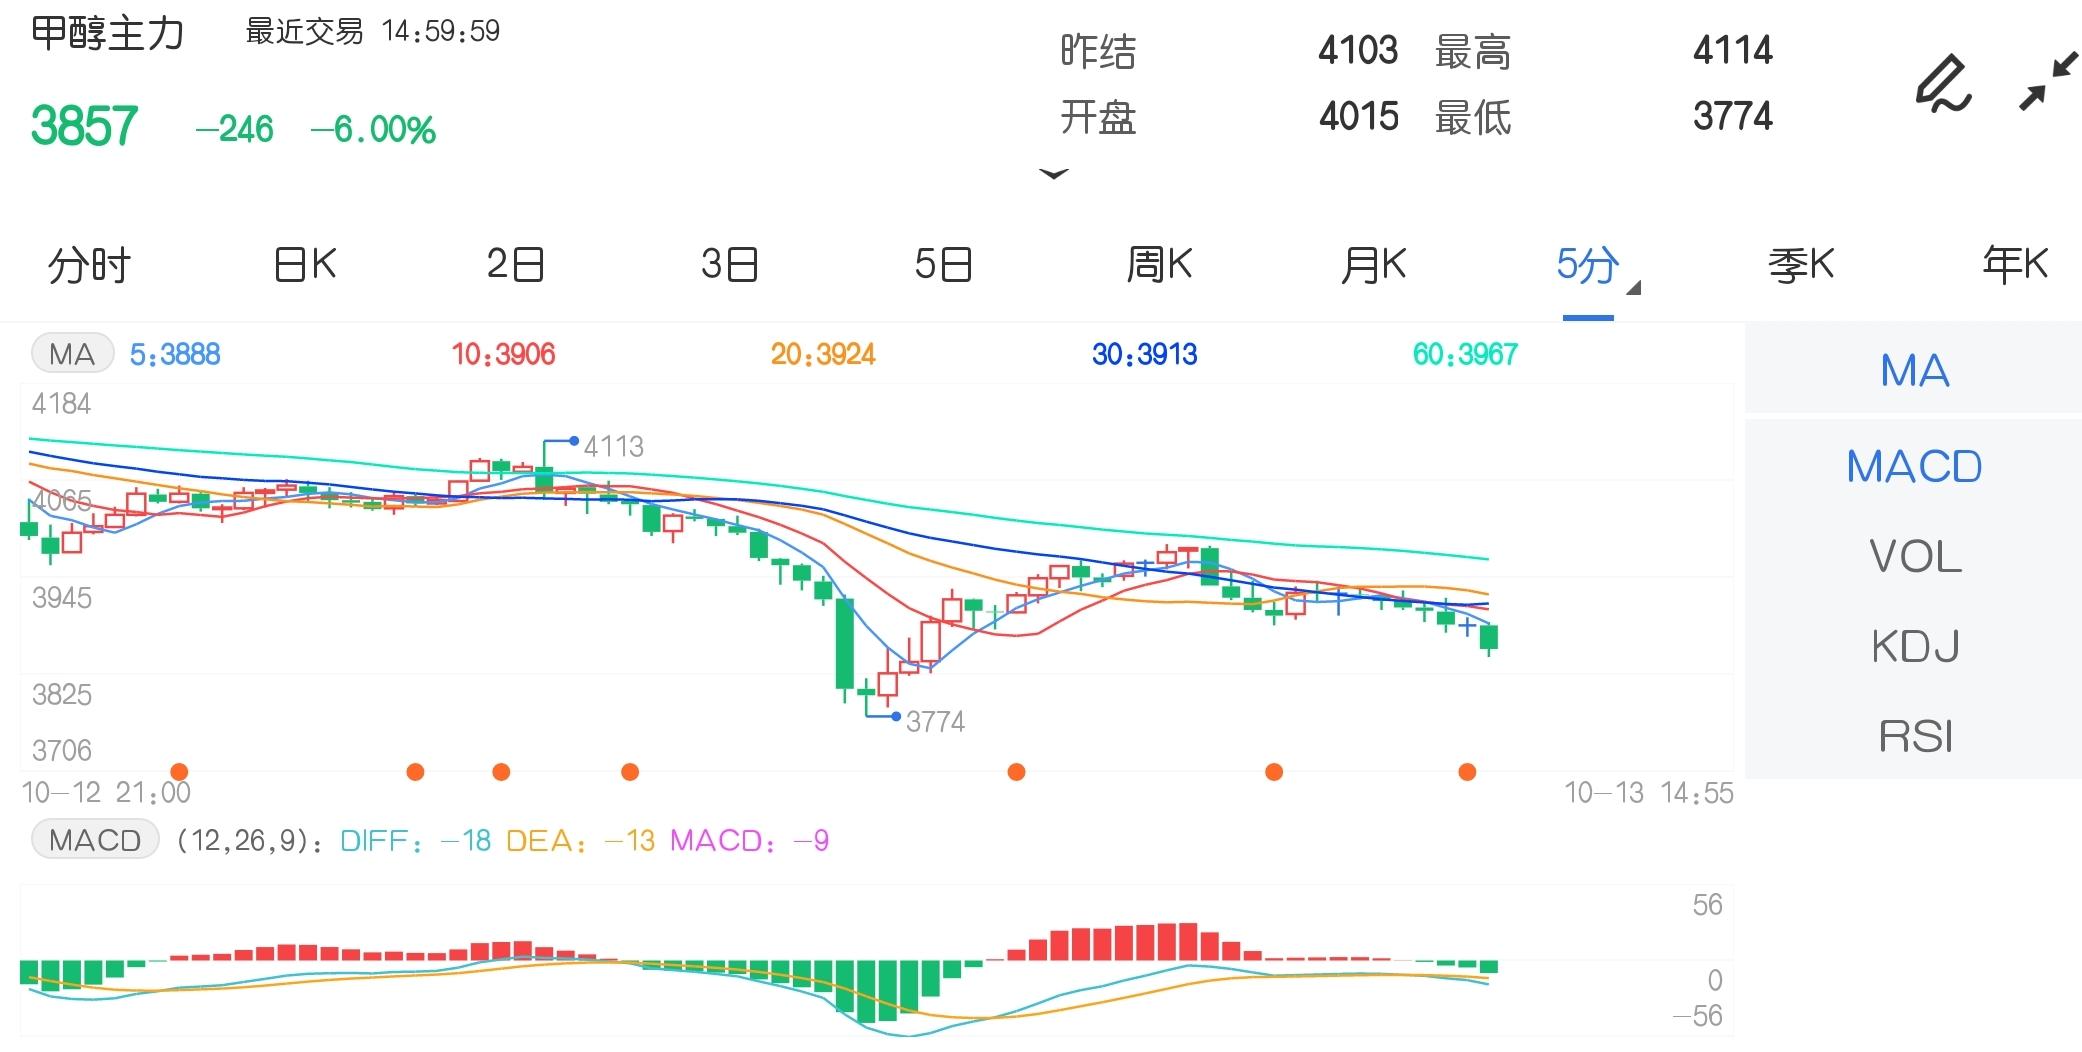 10月13日期货软件走势图综述:甲醇期货主力跌6.00%